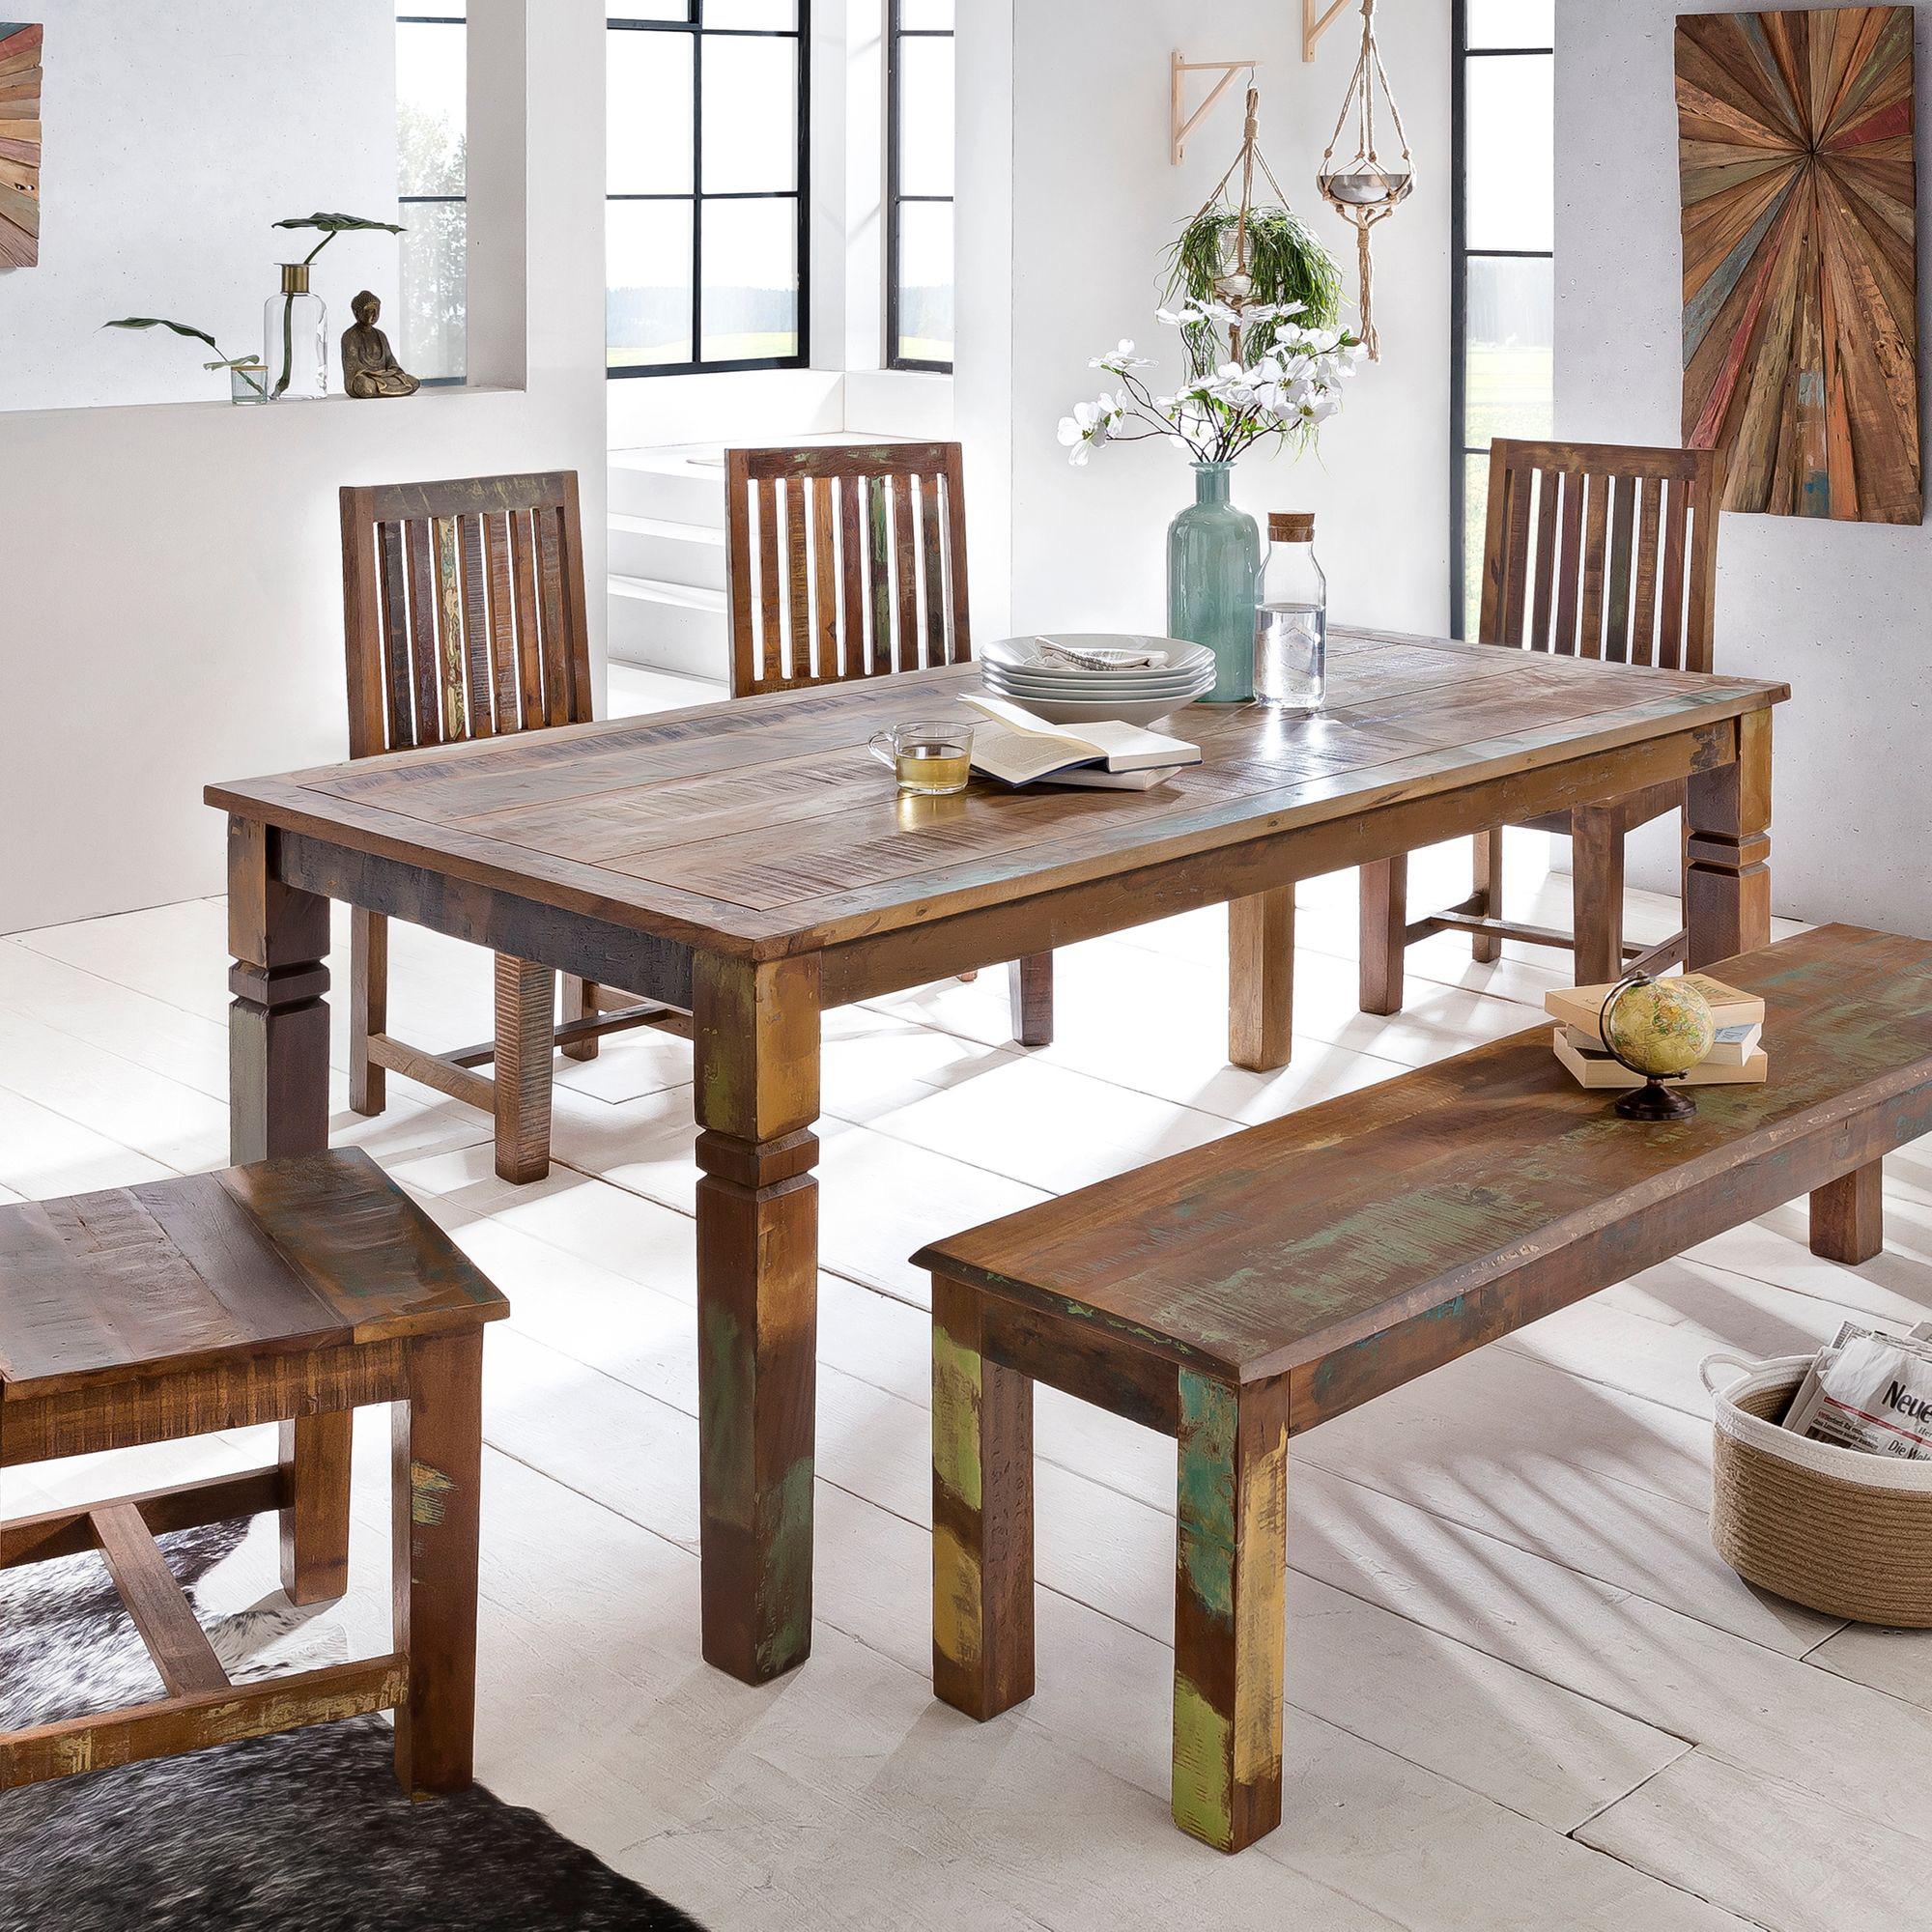 Jídelní stůl z recyklovaného dřeva Kalkutta, 120 cm, mango